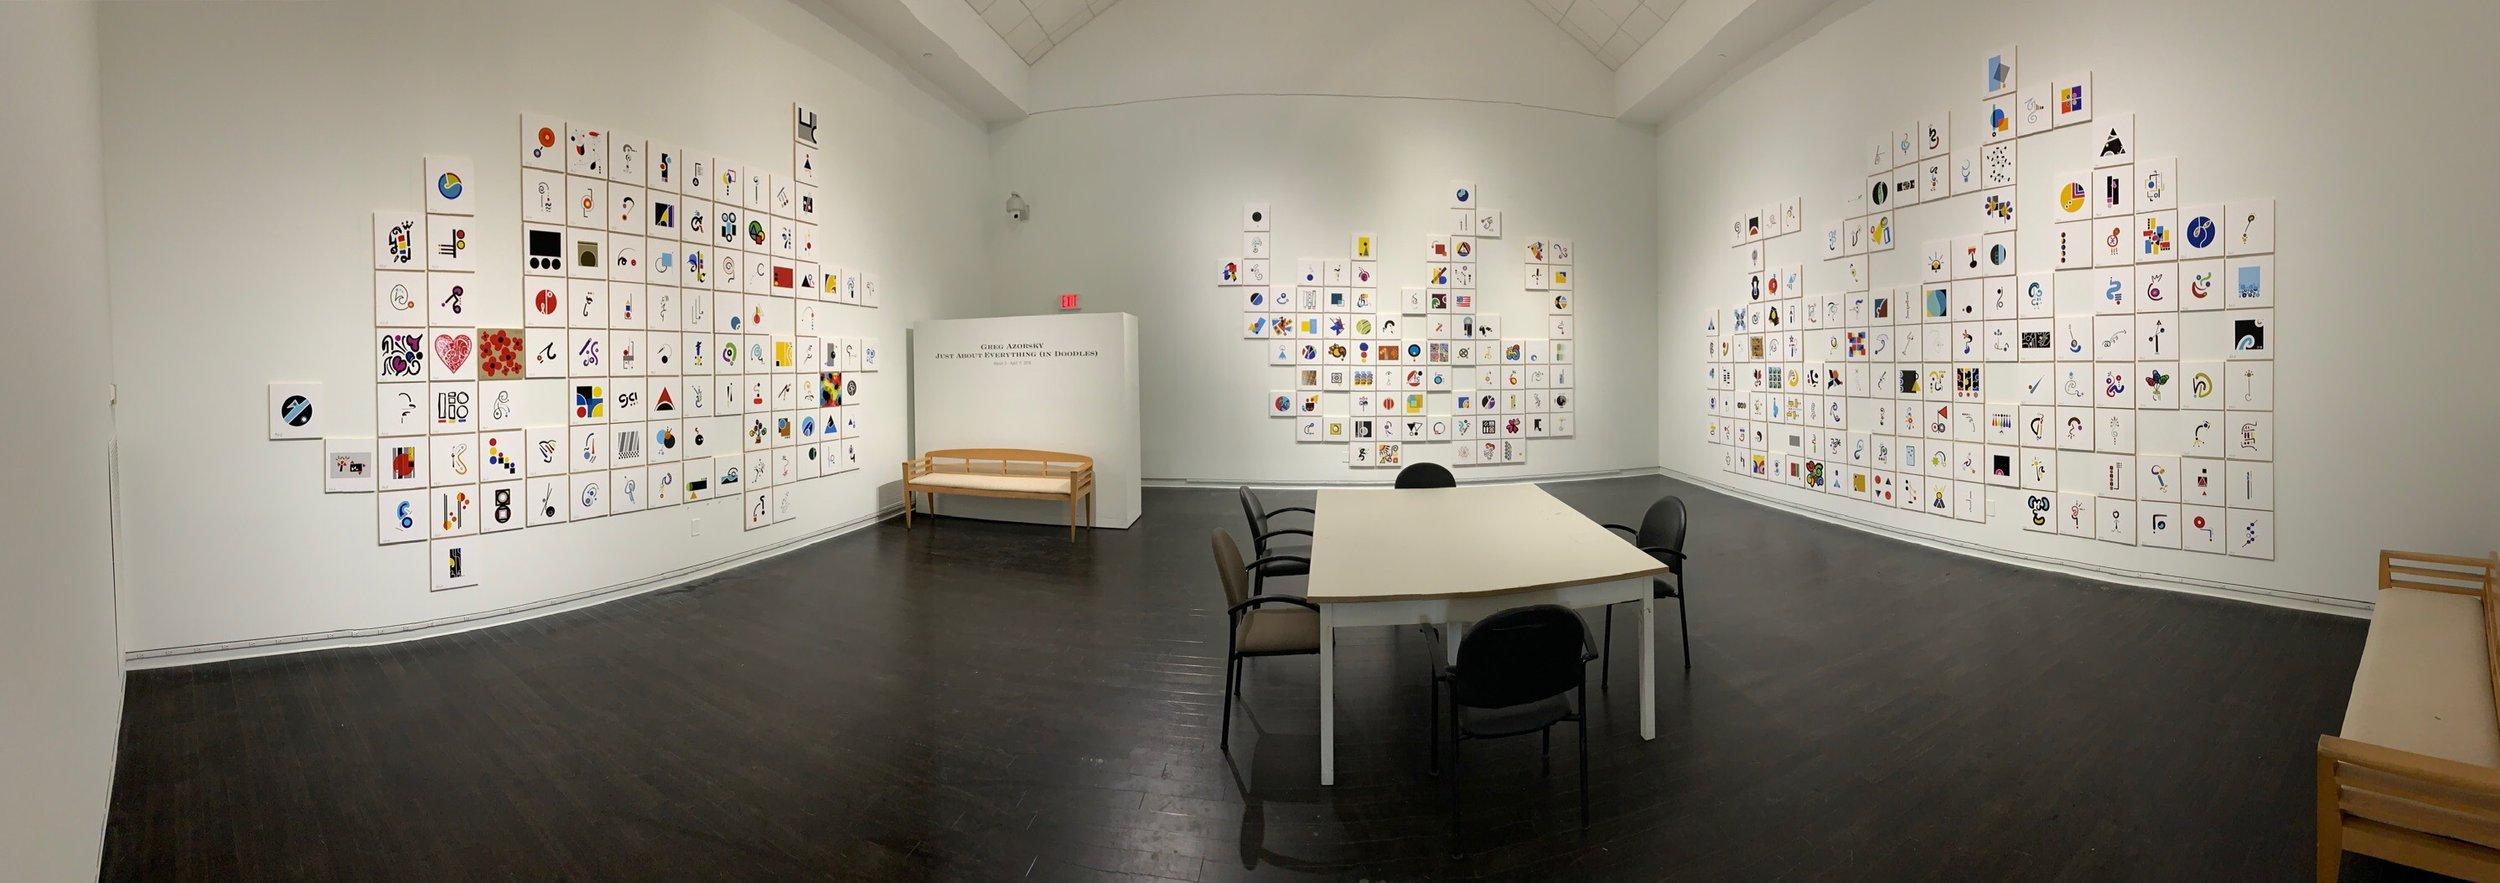 Greg Art Gallery Expo.jpg